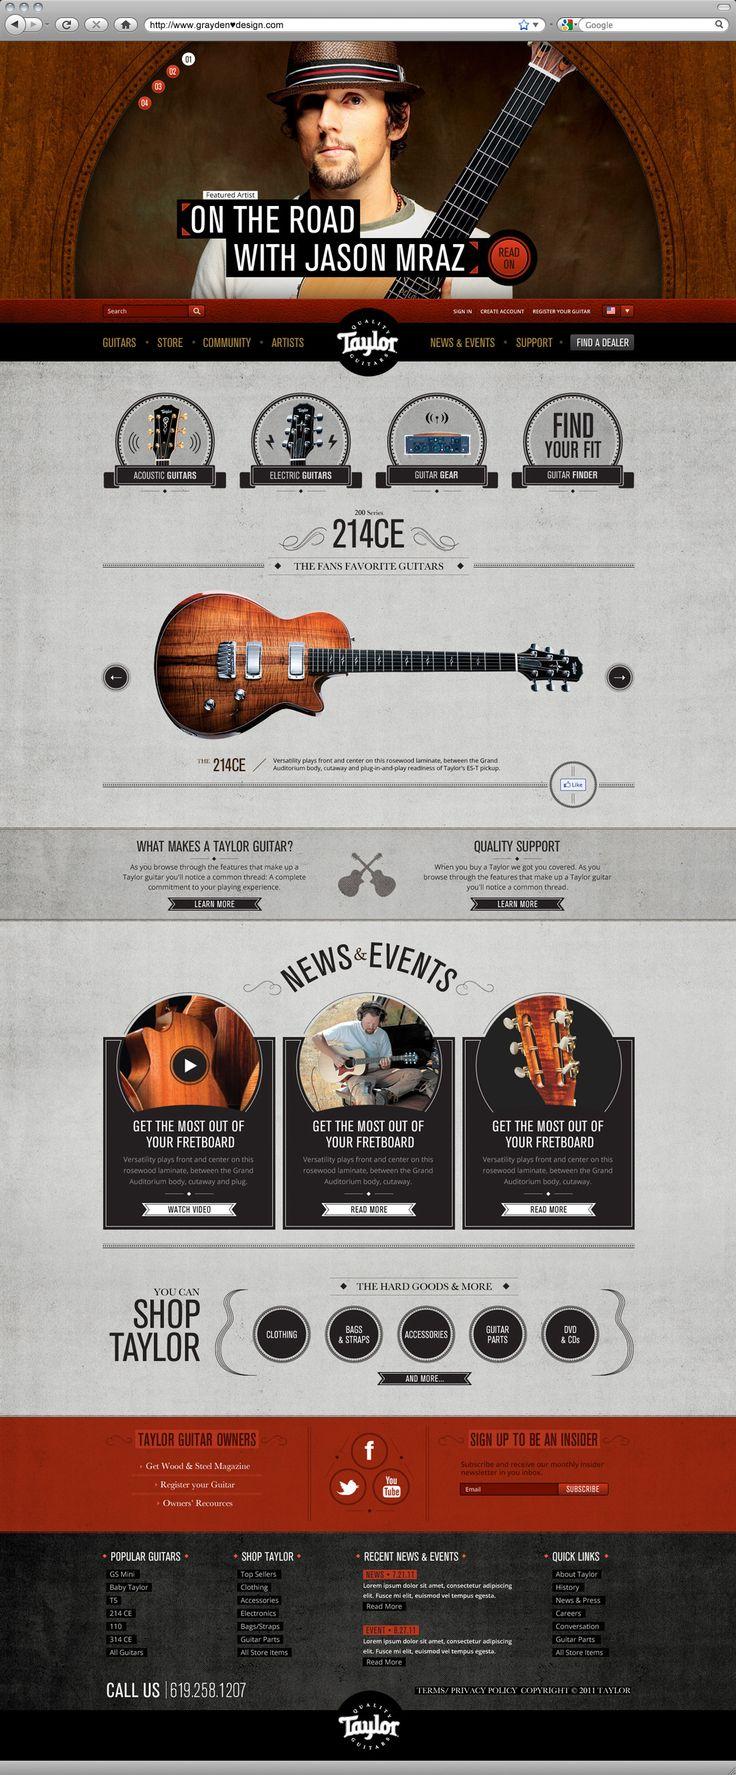 Taylor Guitar's